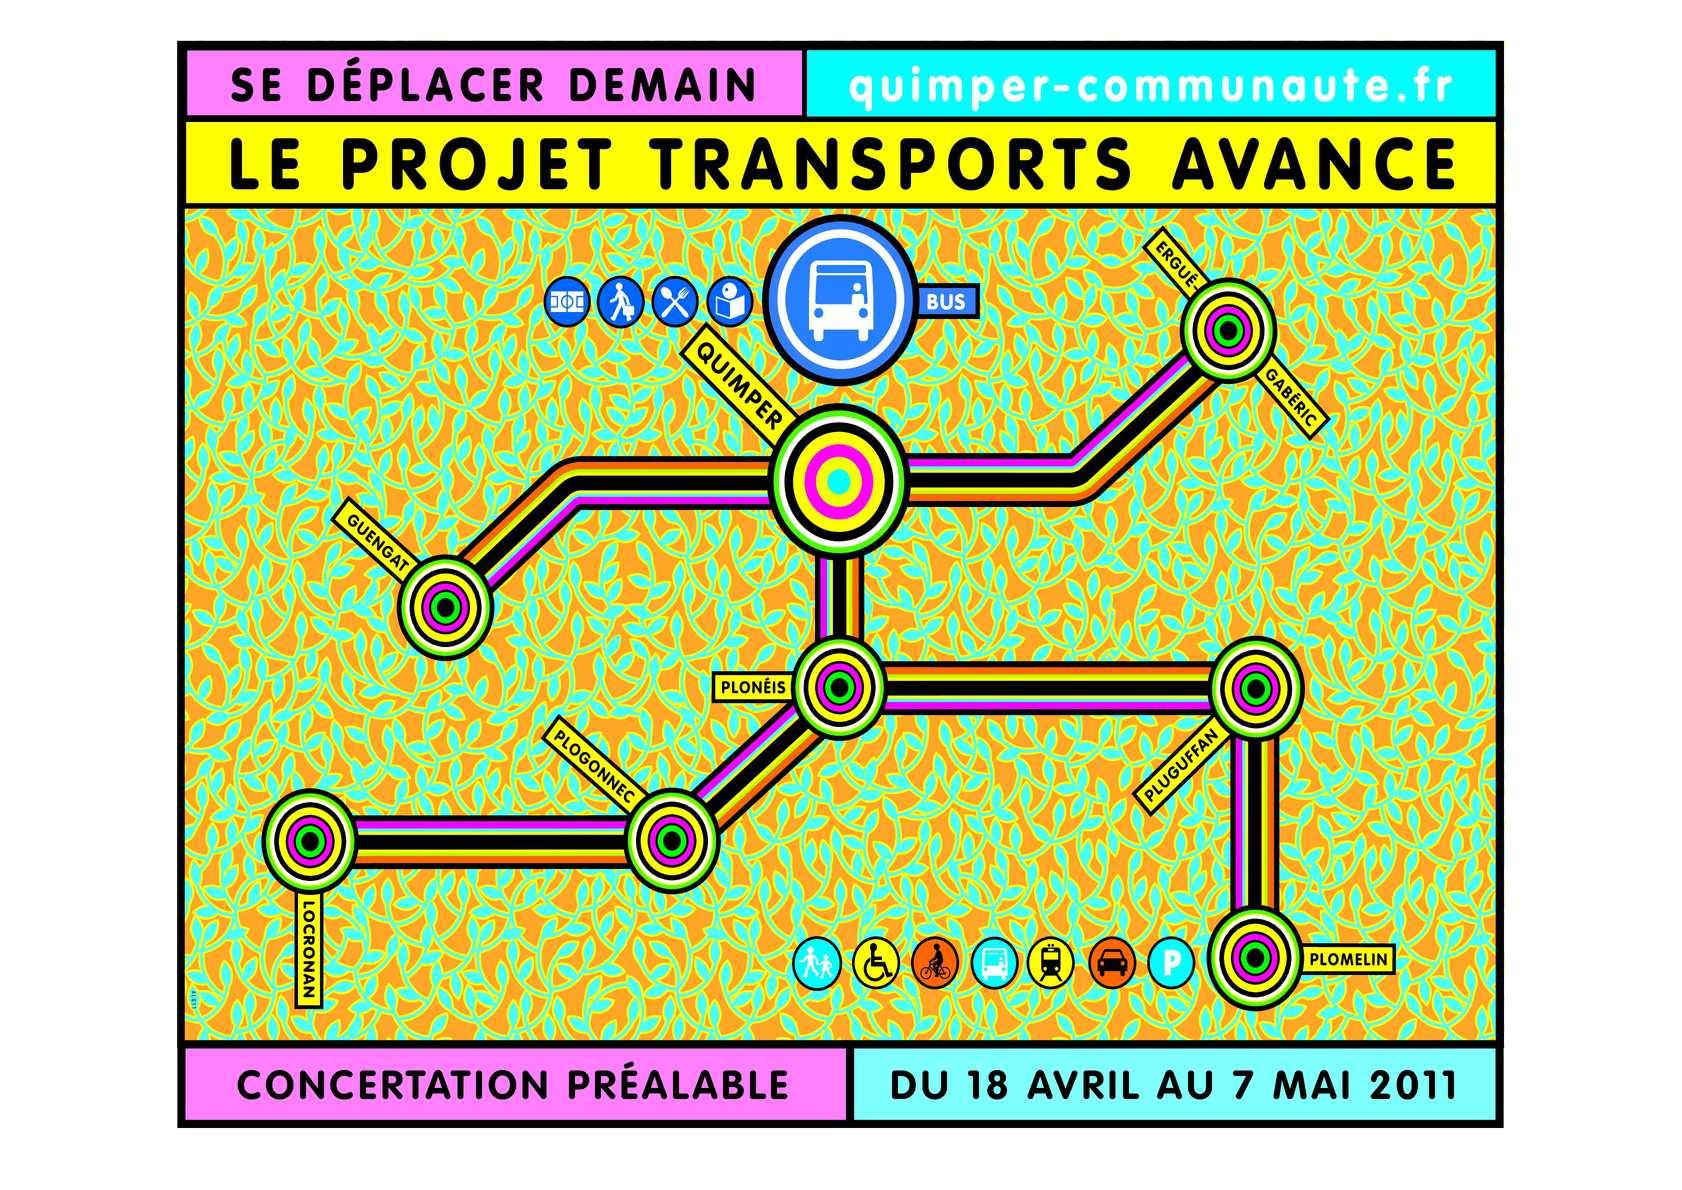 Calaméo - Projet transports de Quimper Communauté - Le